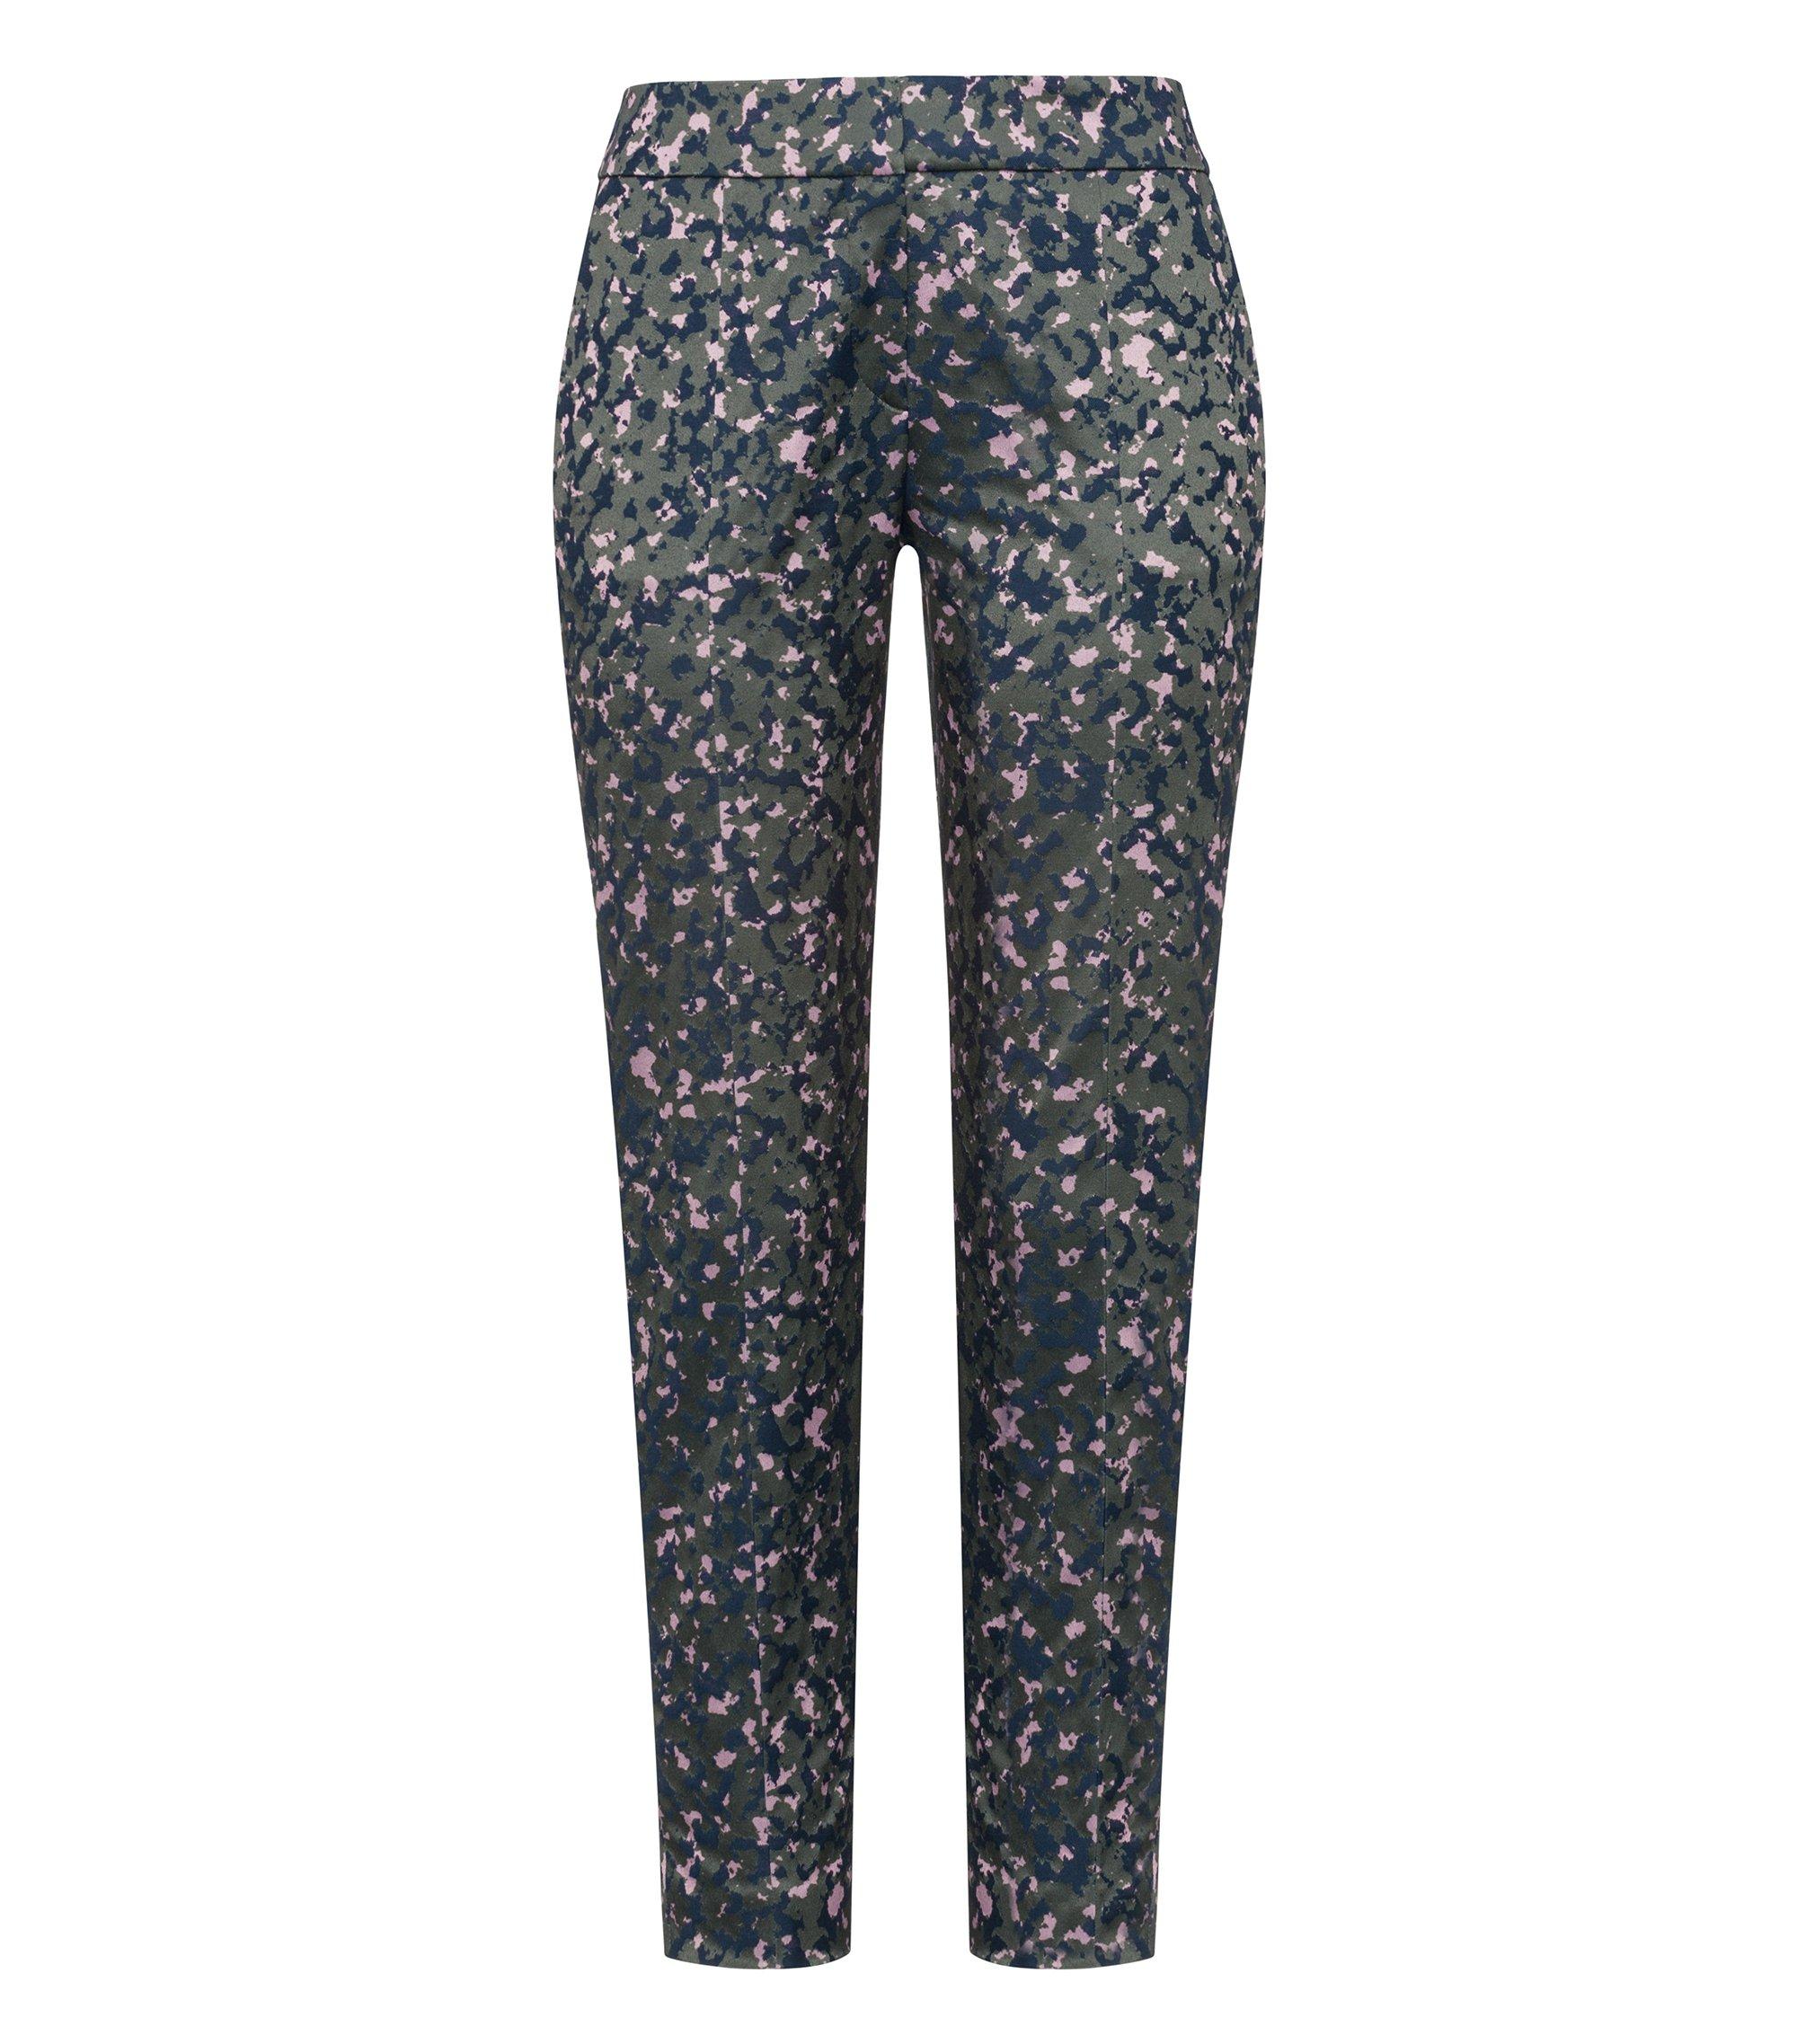 Pantalones pitillo slim fit en jacquard de algodón elástico de camuflaje, Fantasía